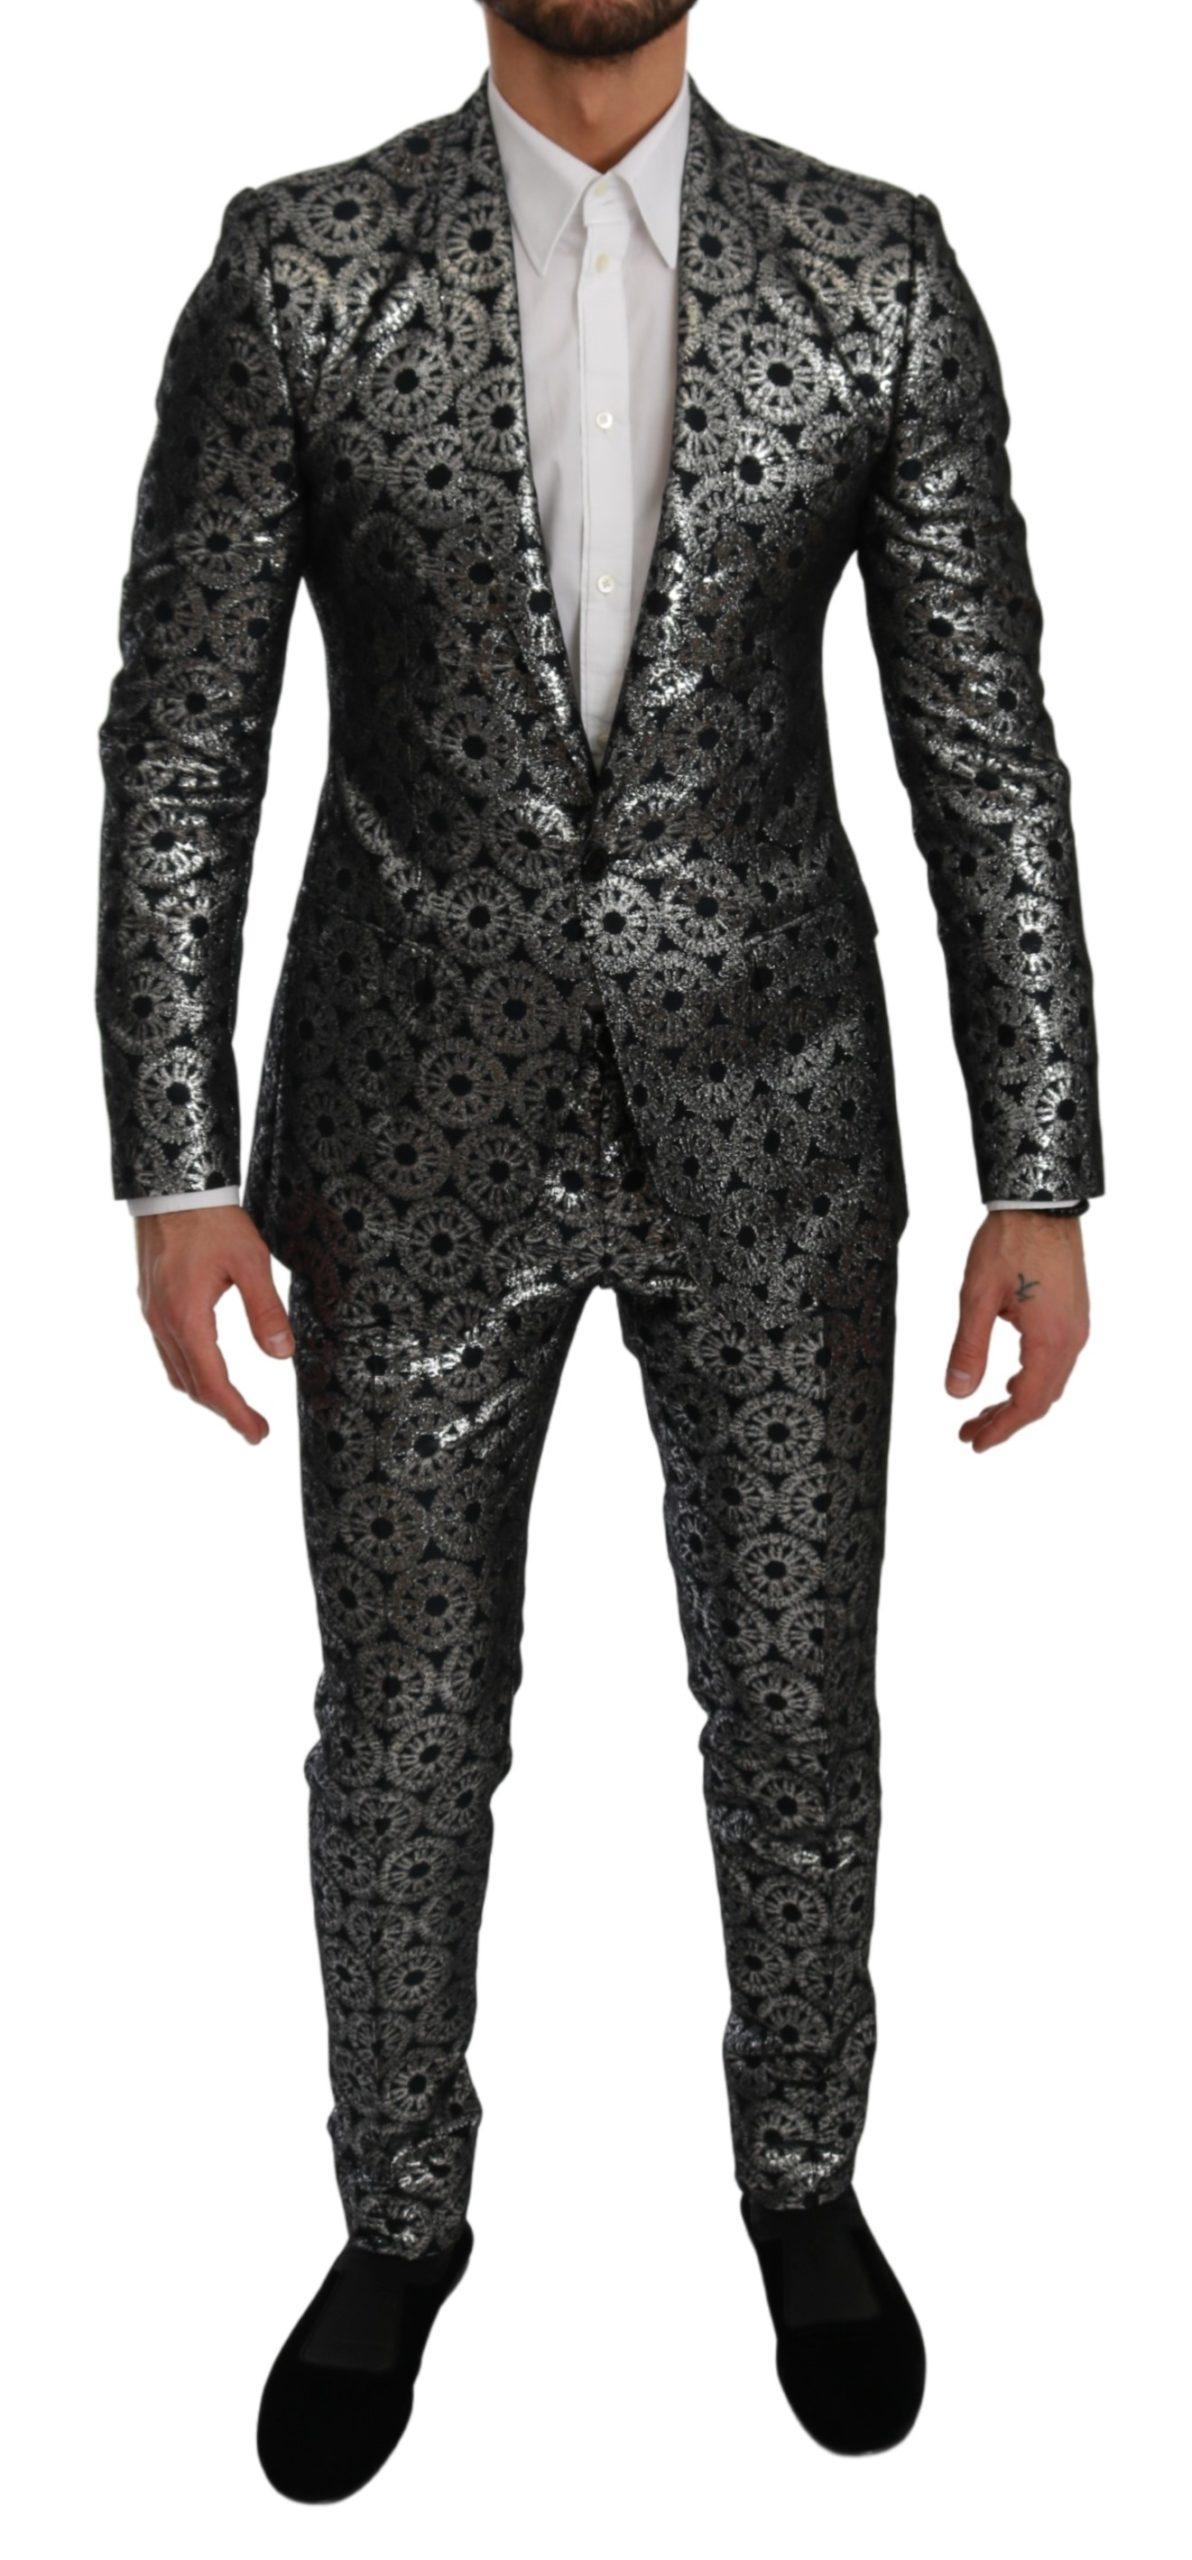 Dolce & Gabbana Men's Slim Fit GOLD 2 Piece Suit Blue KOS1790 - IT46 | S